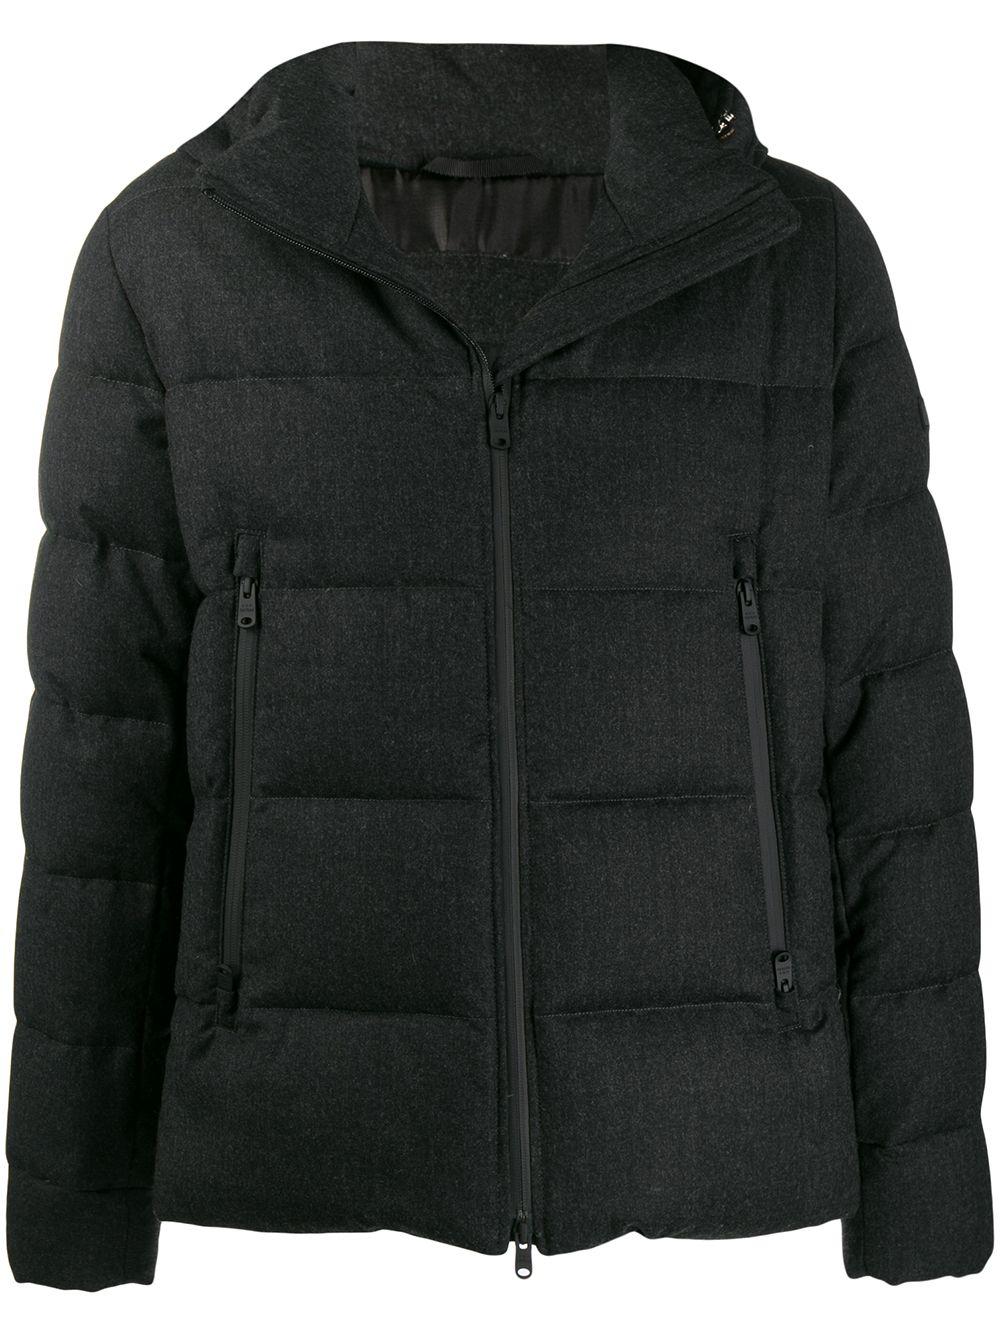 Agordo Down Jacket